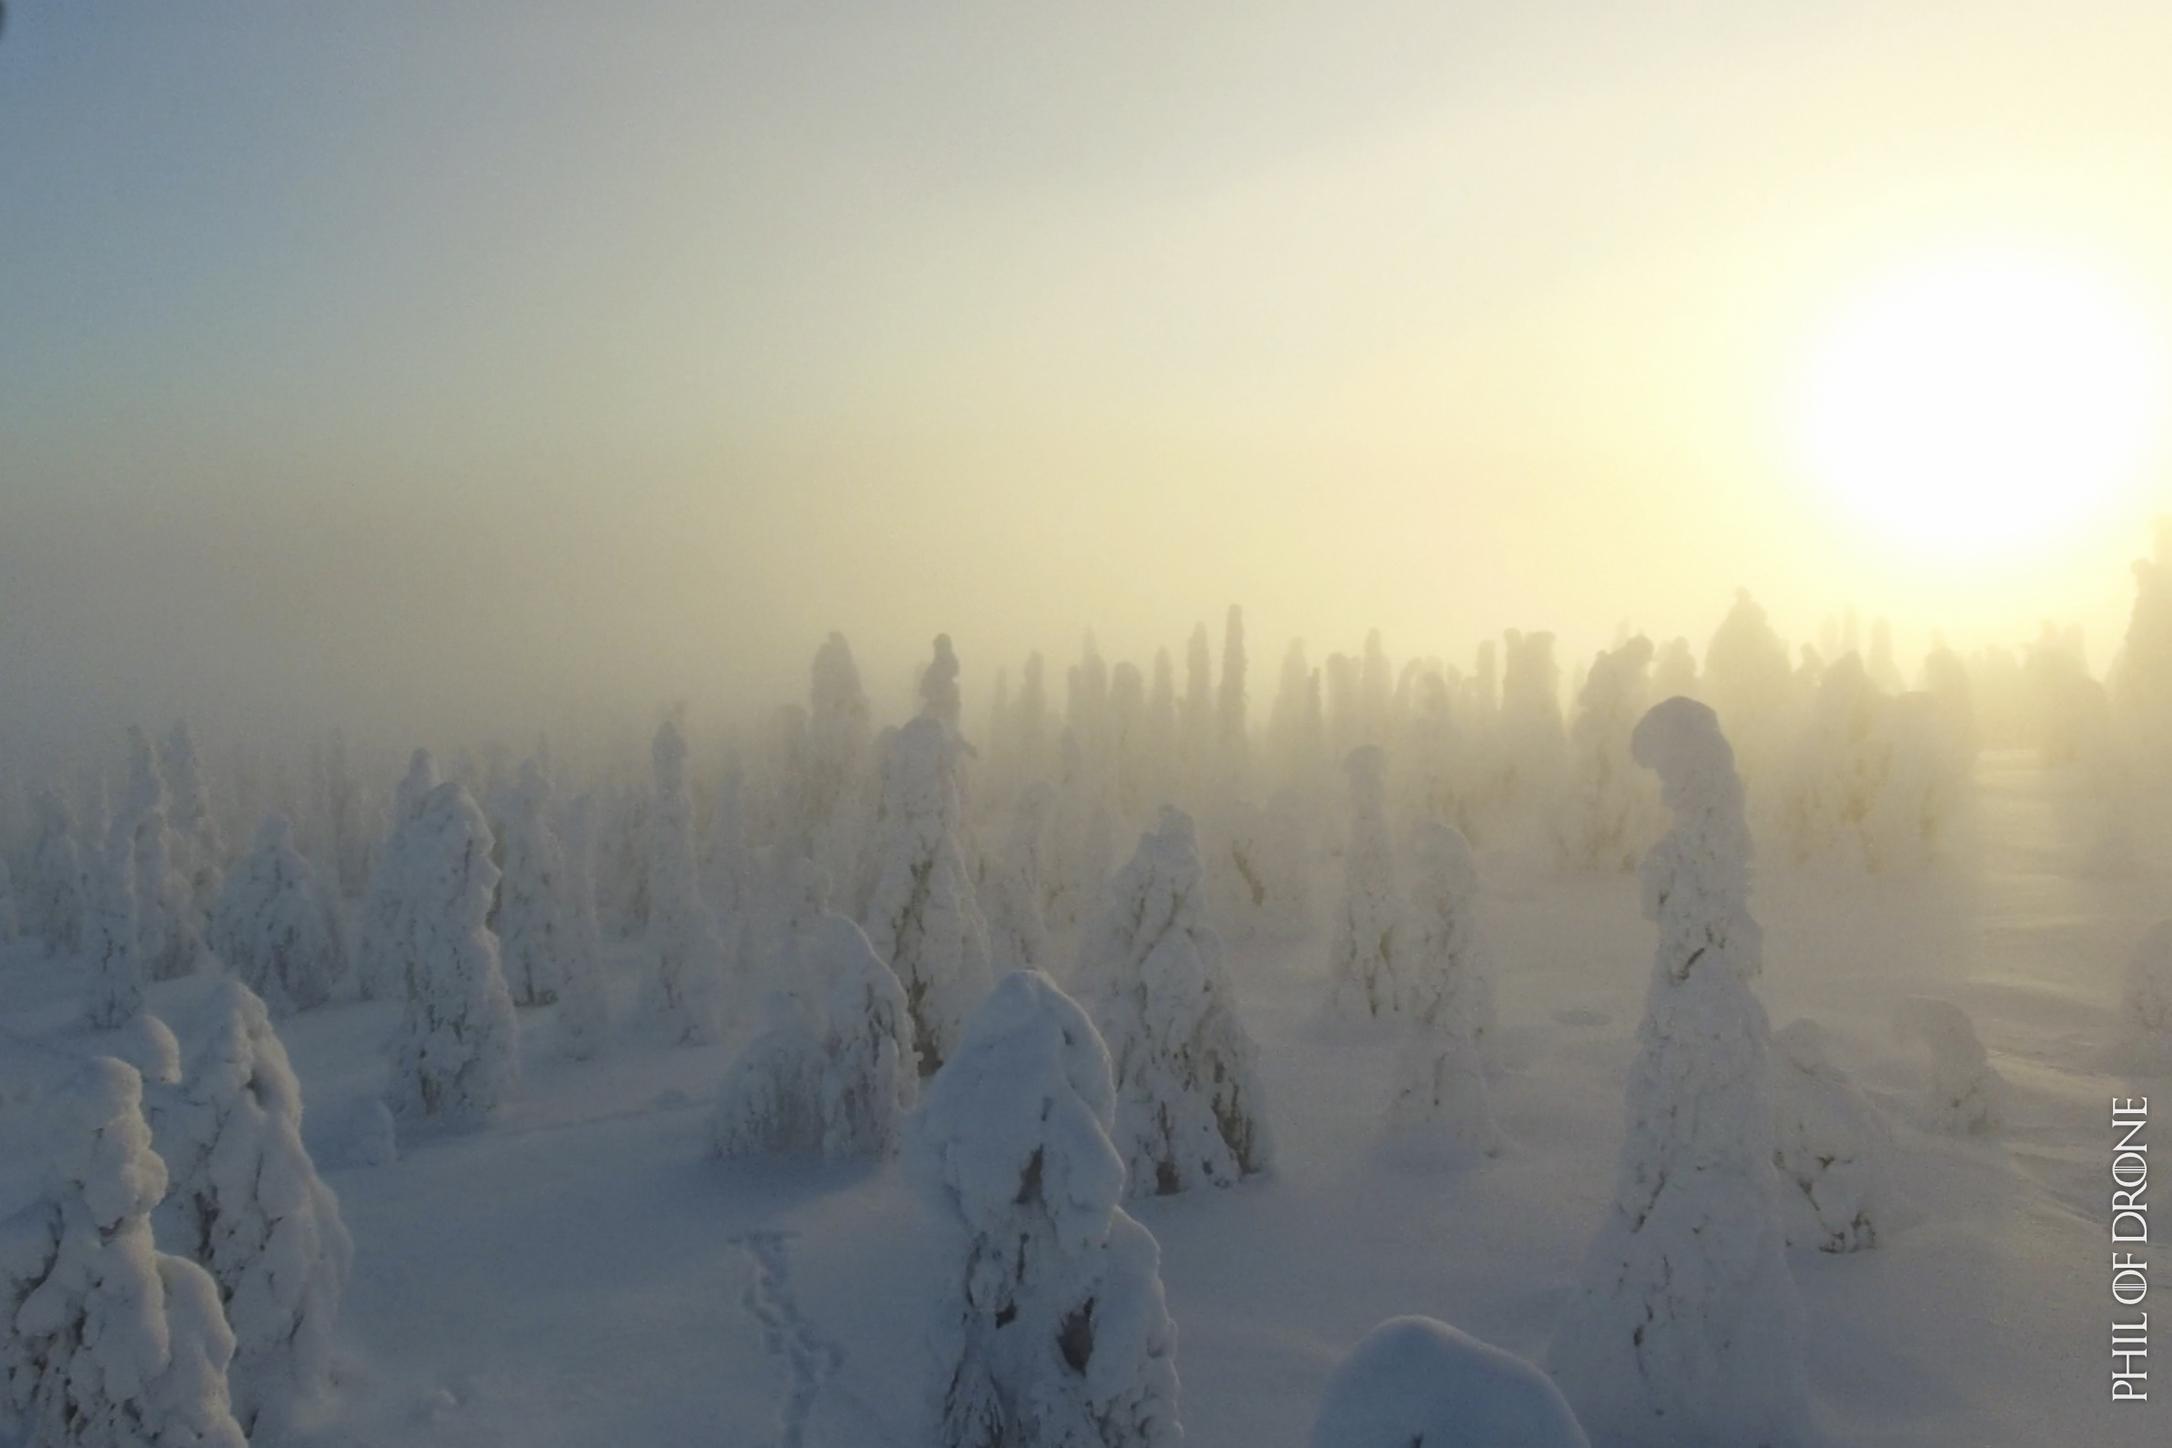 Phil-Finlande 2.jpg